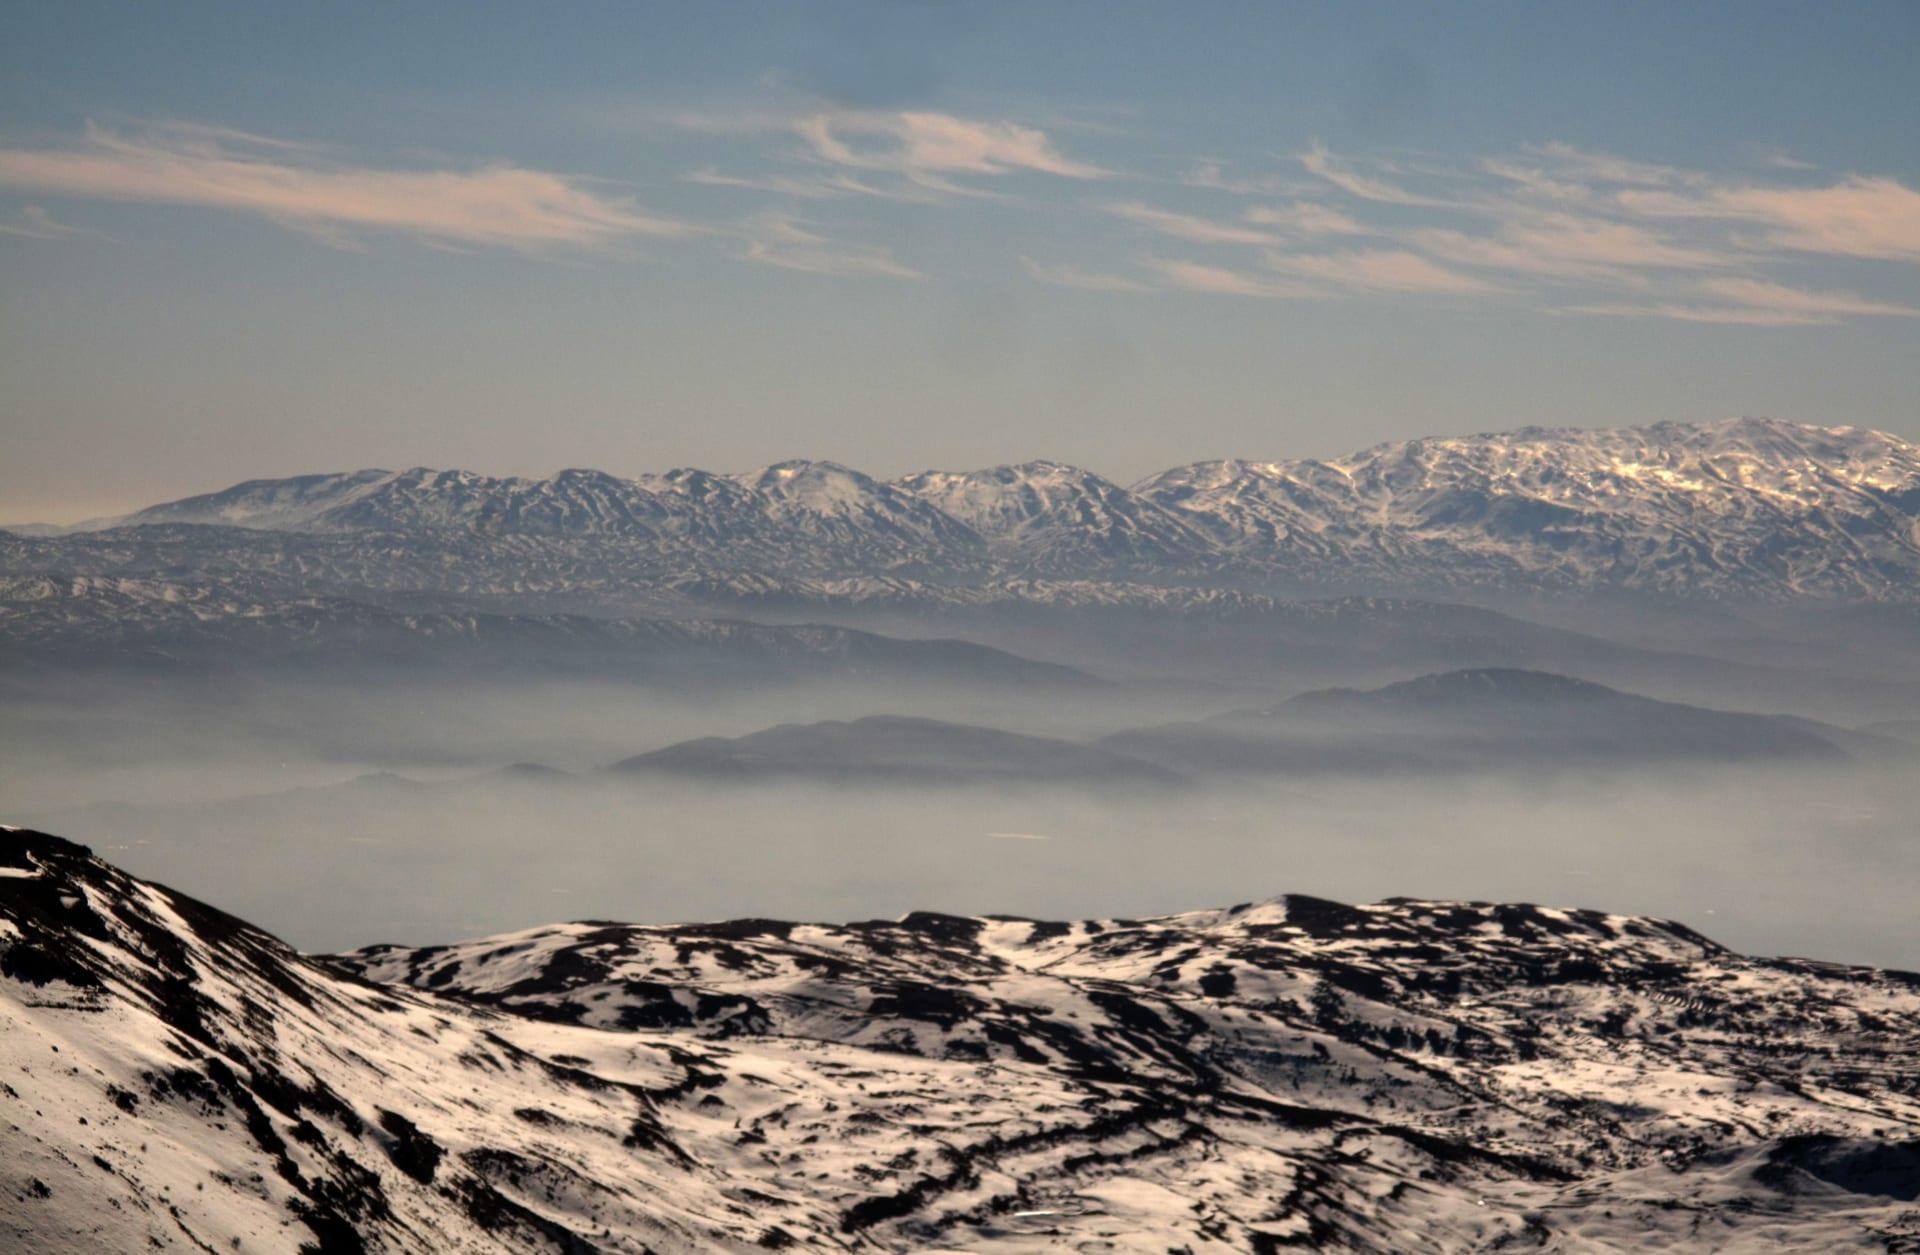 الجيش الإسرائيلي يرصد صاروخين أطلقا من سوريا نحو جبل الشيخ